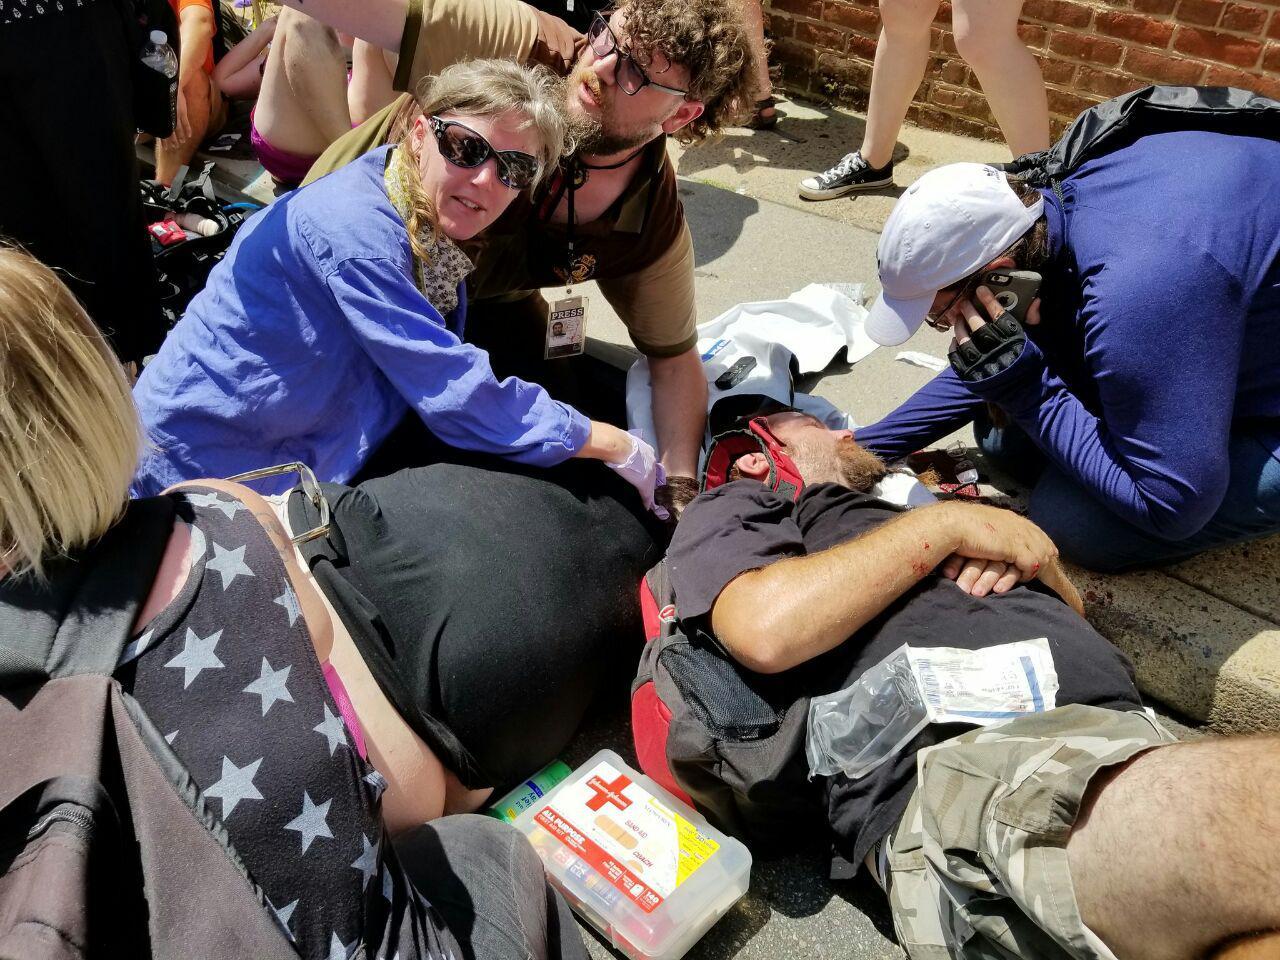 یک خودور معترضان به تجمع نژادپرستانه سفیدپوستان در ویرجینیای آمریکا را زیر گرفت+تصاویر